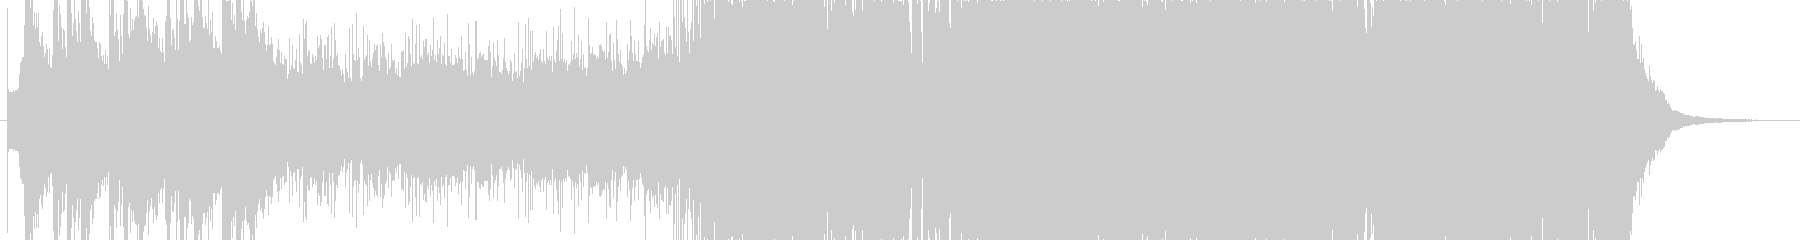 和風のオーケストラ〜ロック〜ポップスB1の未再生の波形